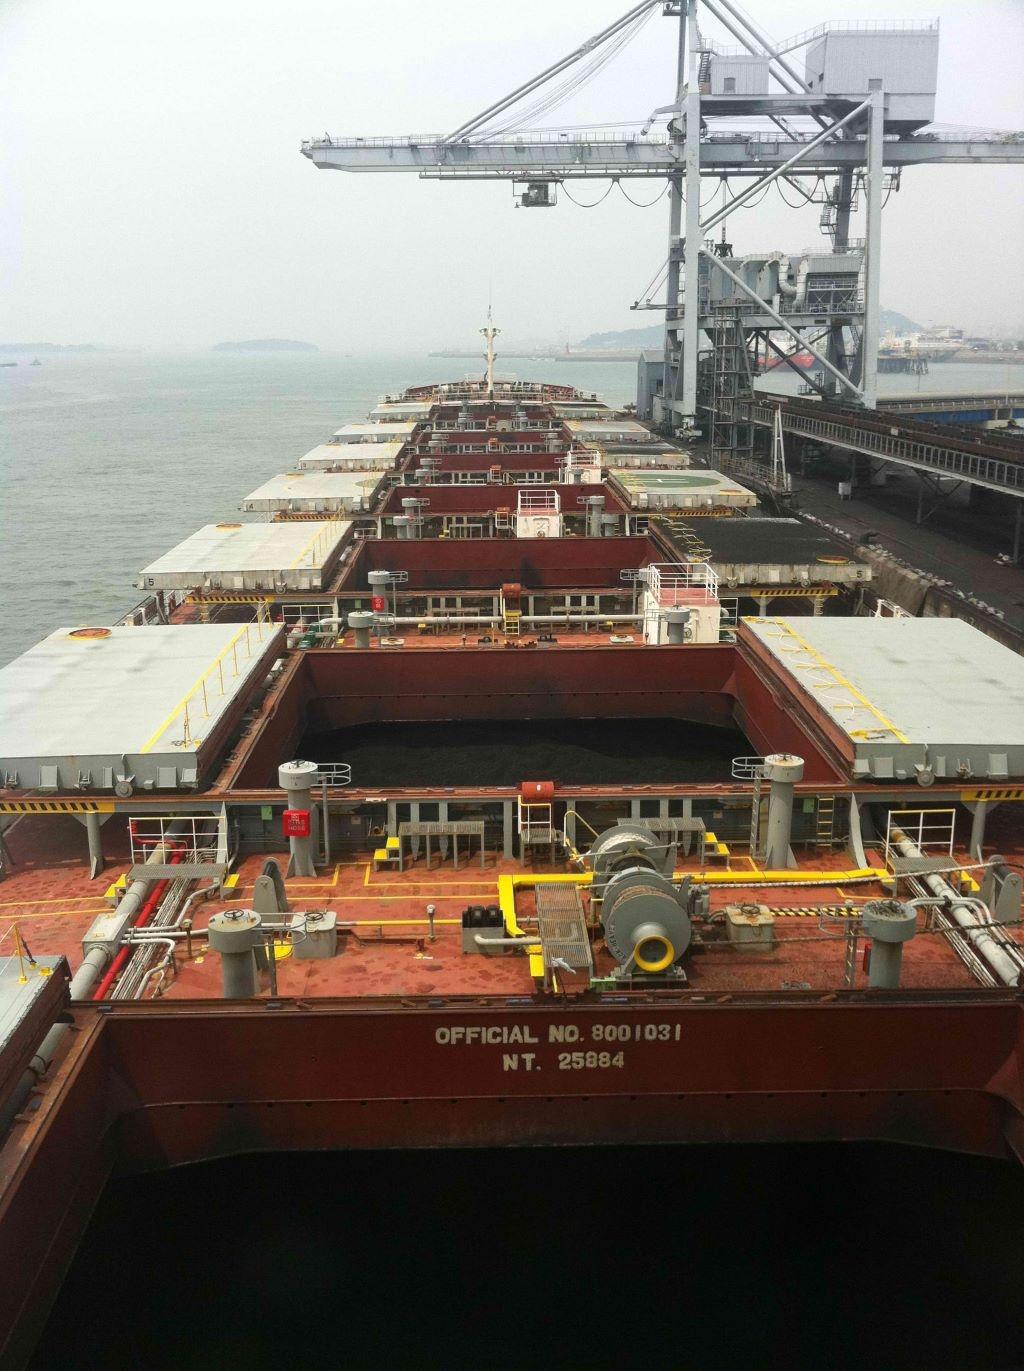 Globus Maritime:Αύξηση εσόδων κατά 126% στο πρώτο τρίμηνο